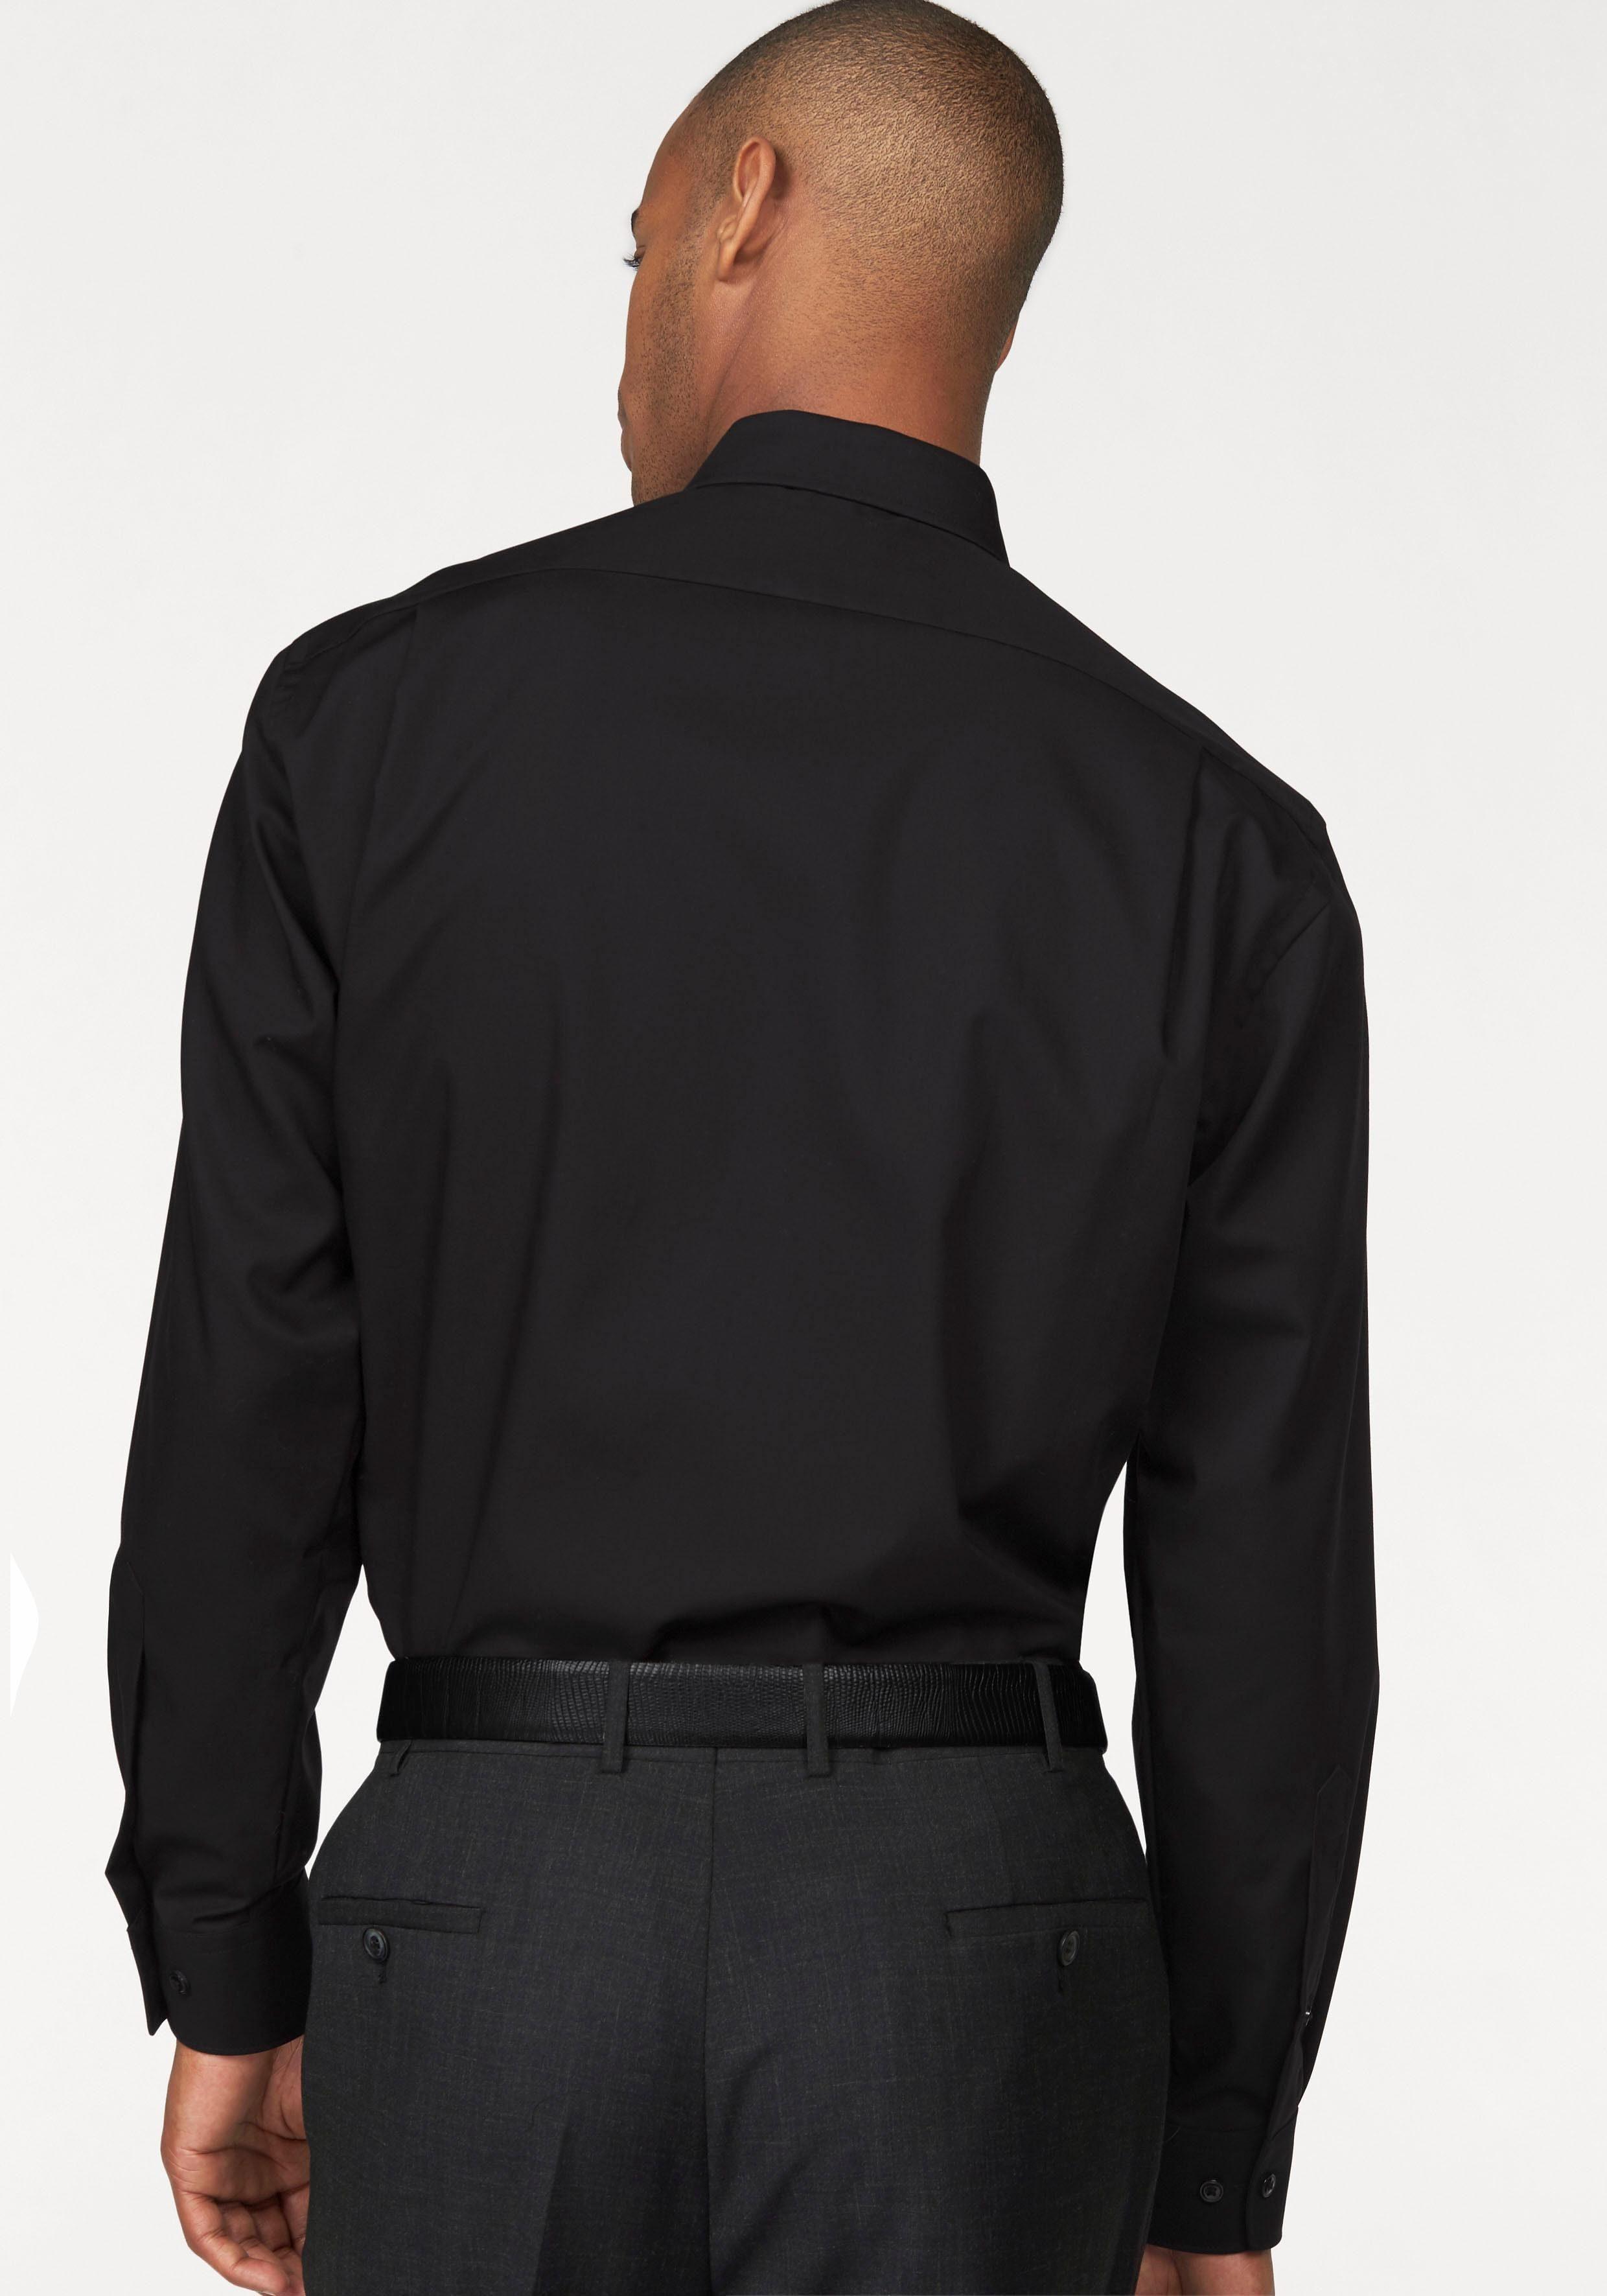 Fit« Extra Olymp Bügelfrei Mit Ärmel Modern Lange »luxor Brusttasche Businesshemd tIS1wpqSx